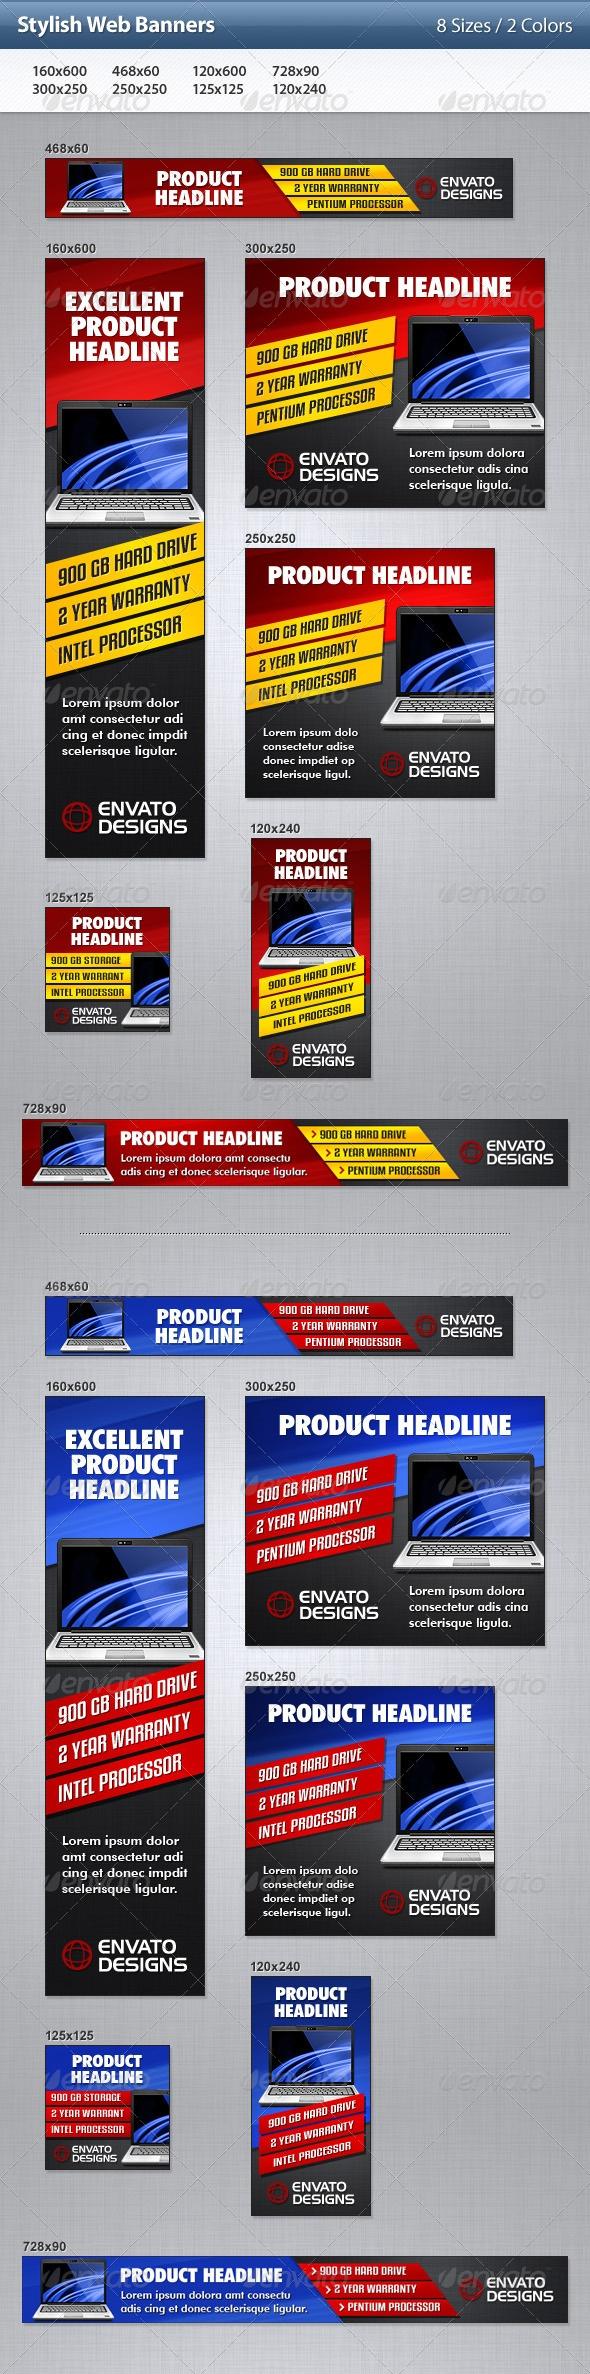 Stylish Web Banners